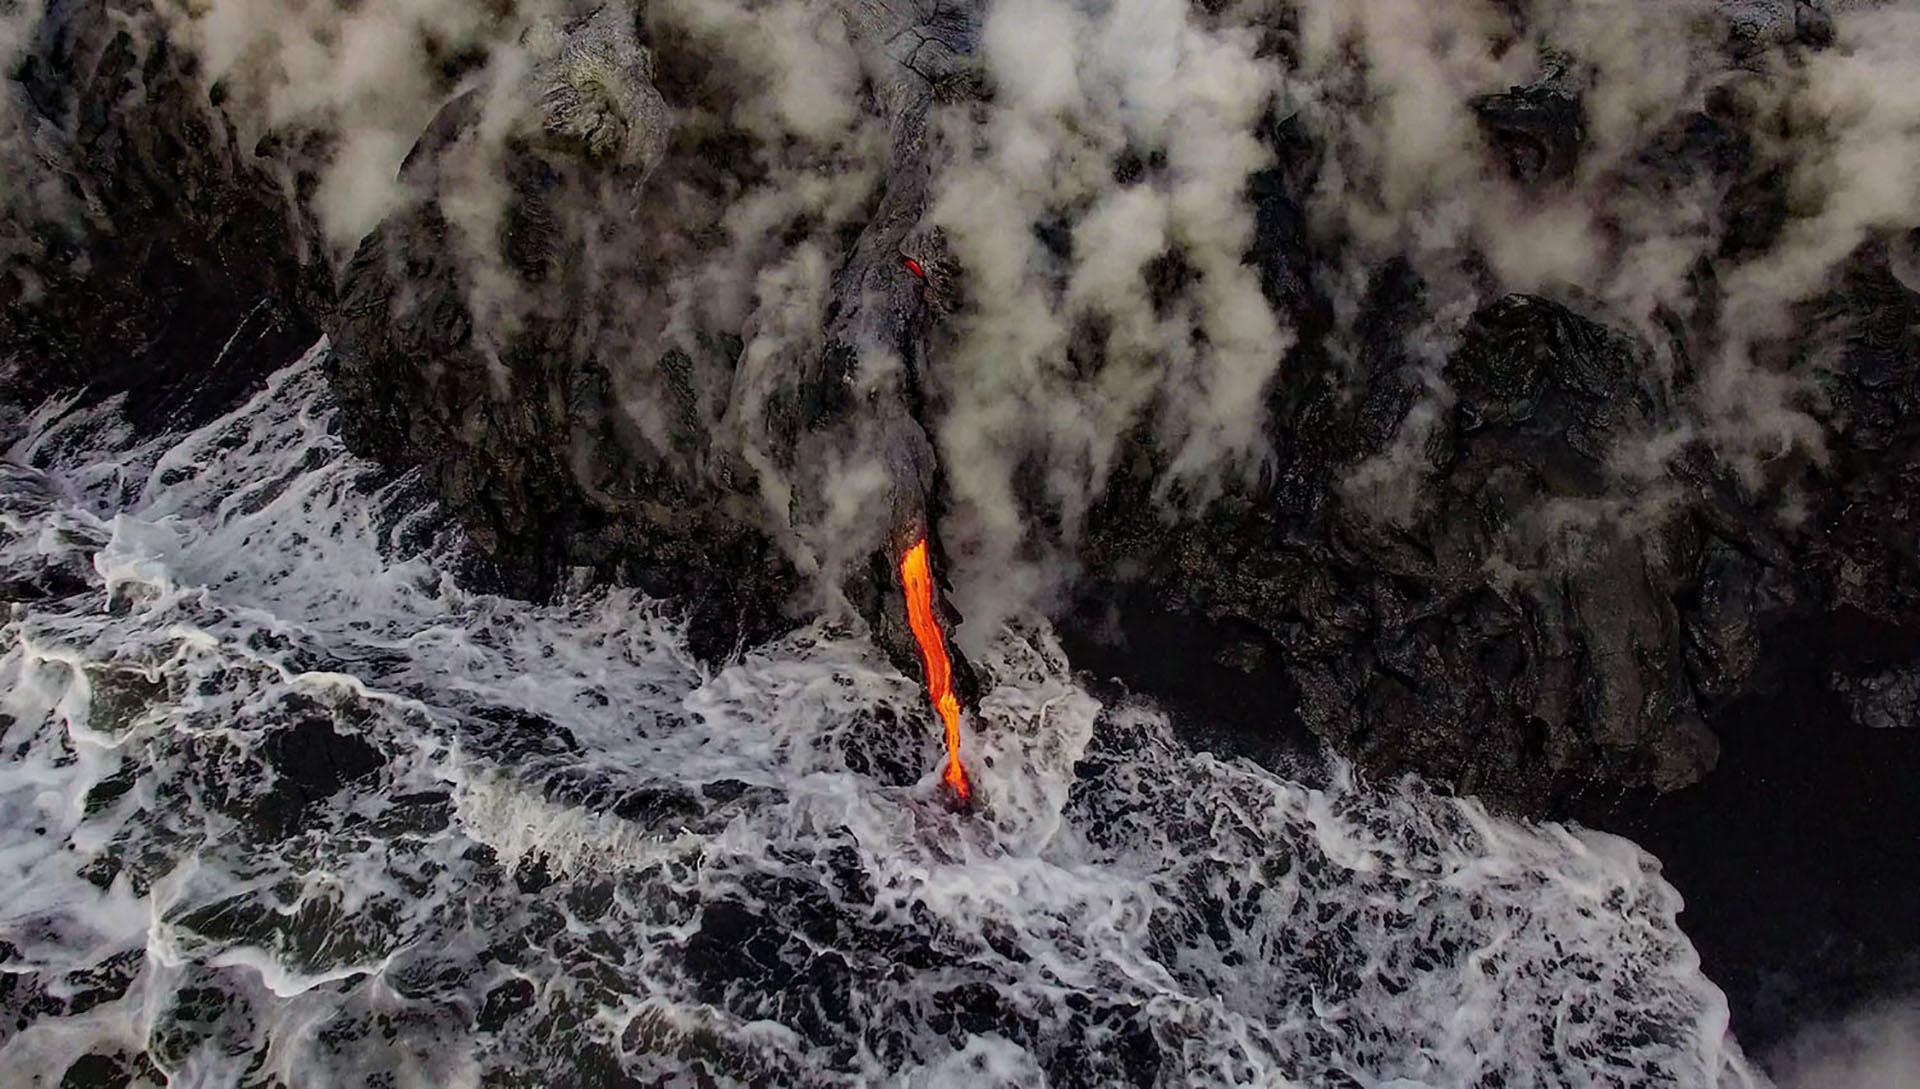 Un flujo de lava en los flancos del volcán Kilauea, en Hawaii.